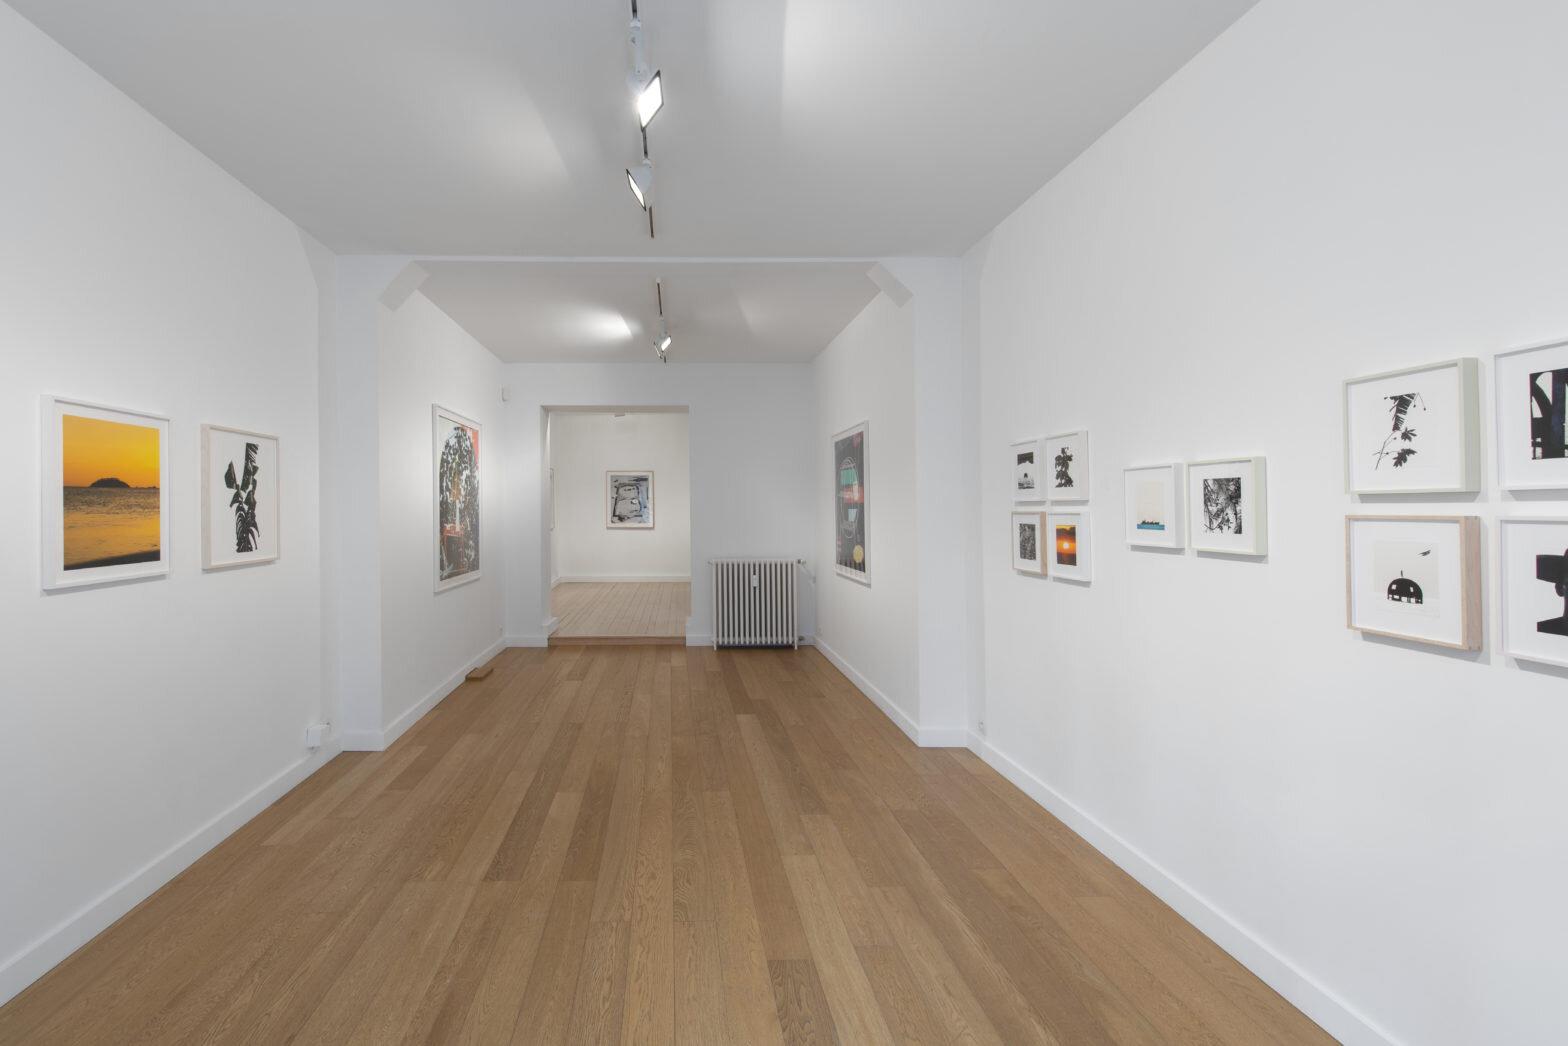 Scenic , Matthew Porter, galerie Baronian Xippas, exhibition view (33 rue de la Concorde), on view until 2 November 2019. Image courtesy Baronian Xippas